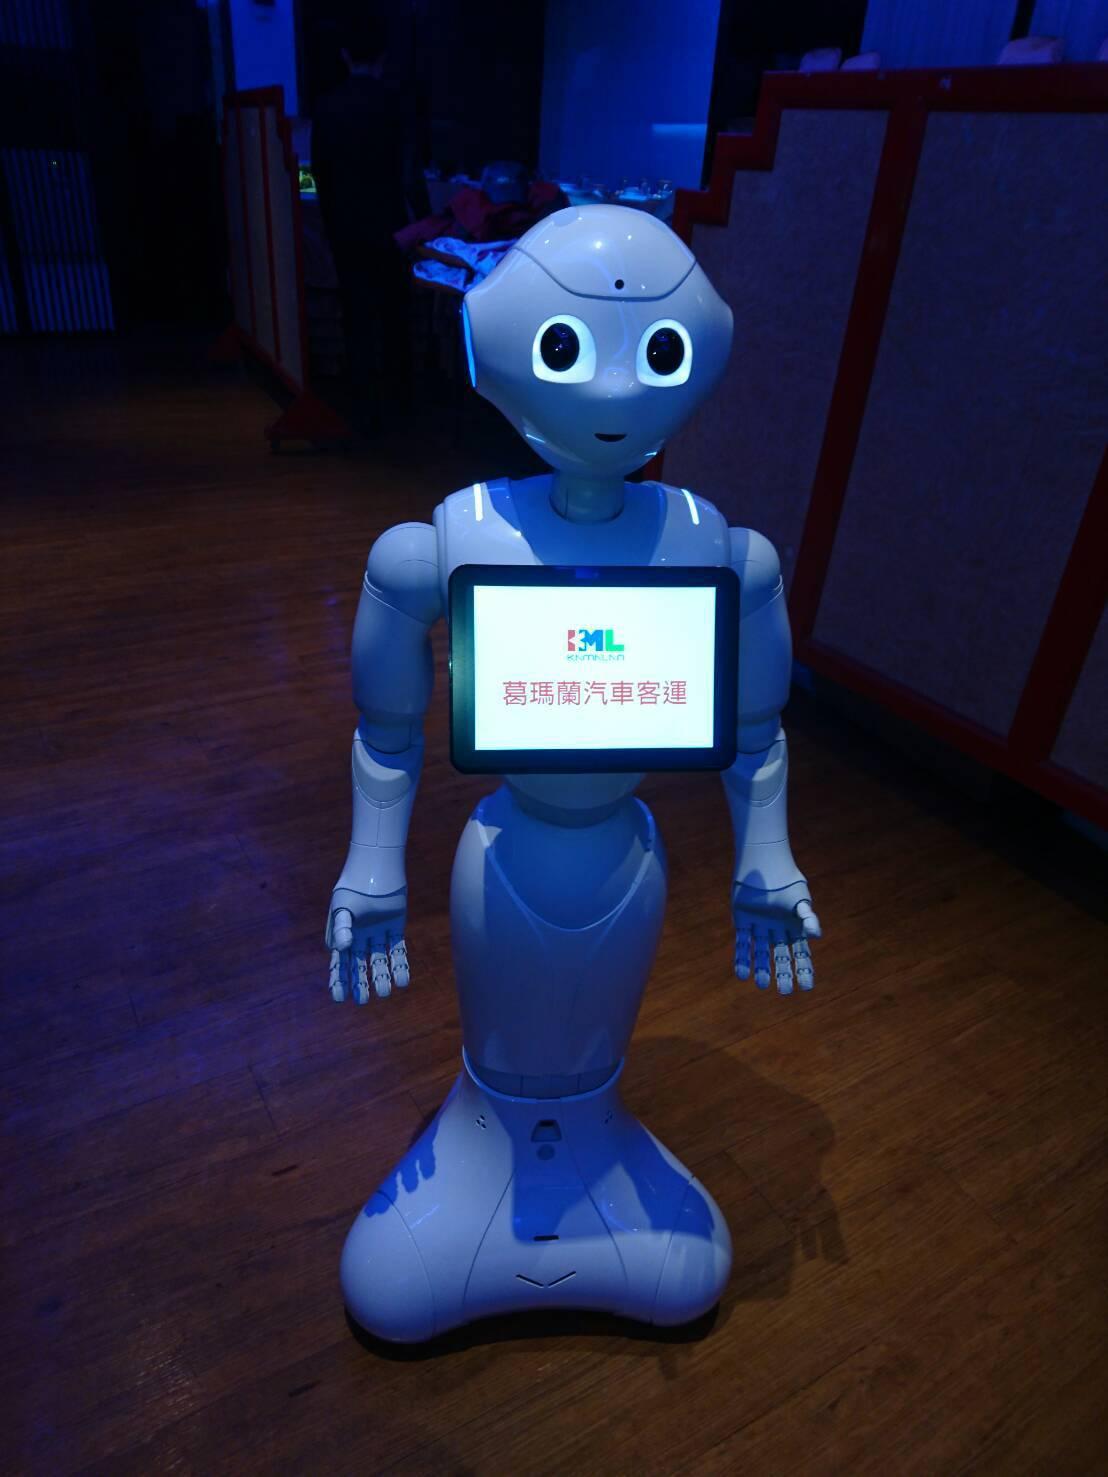 葛瑪蘭汽車客運引進人形機器人「Pepper」,在宜蘭縣羅東轉運站當迎賓專...